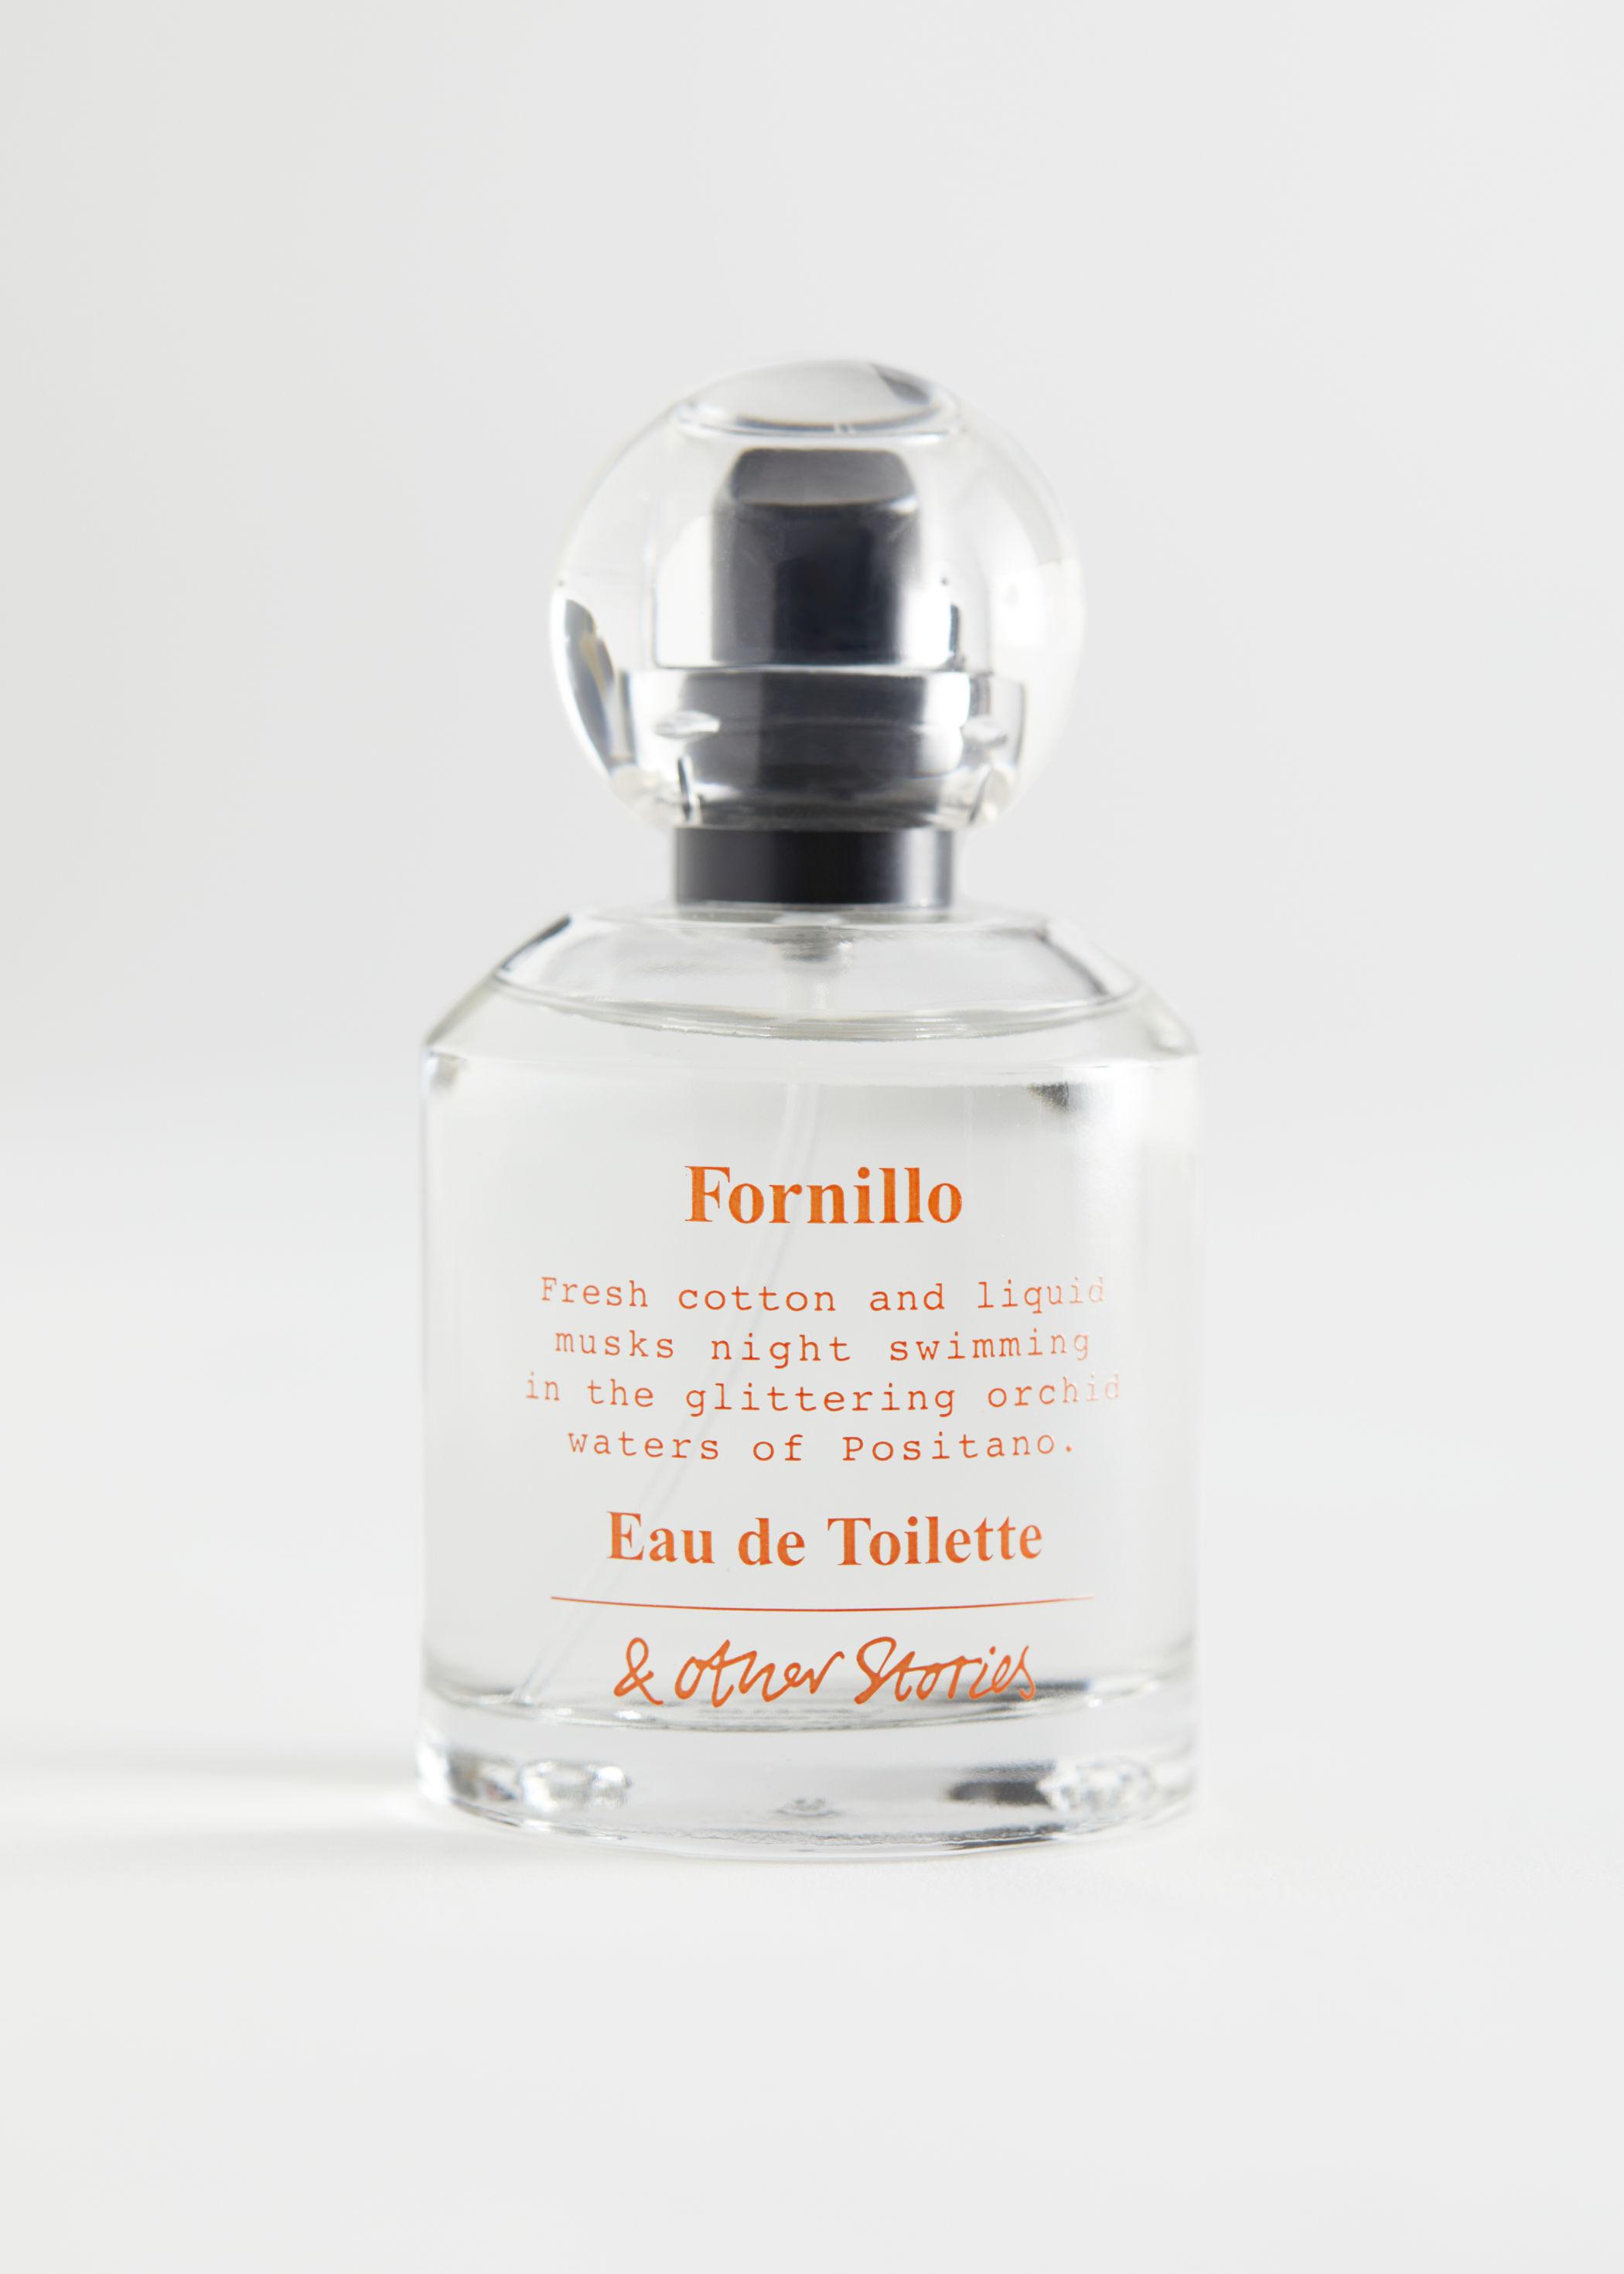 앤 아더 스토리즈 '포르닐로' 오 드 뚜왈렛 향수 50ml & OTHER STORIES Fornillo Eau de Toilette